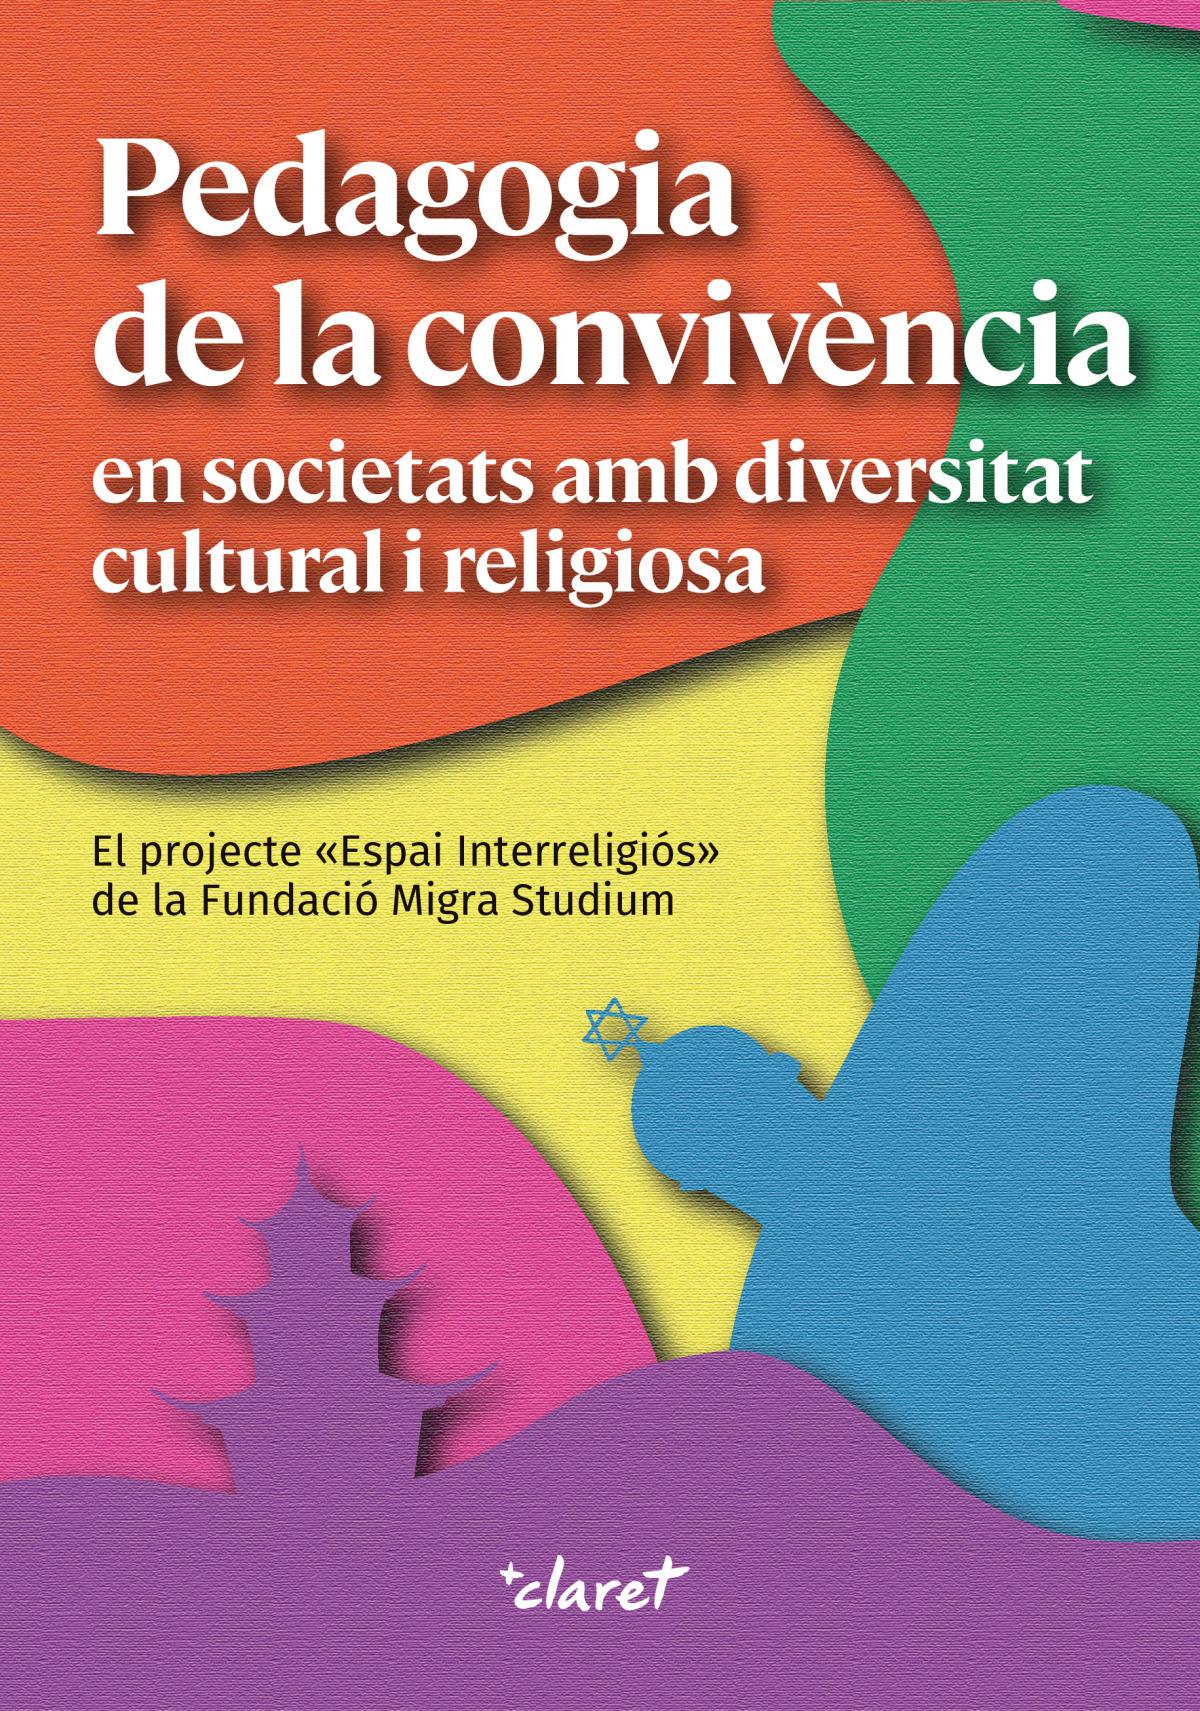 Pedagogia de la convivència en societats amb diversitat cultural i religiosa